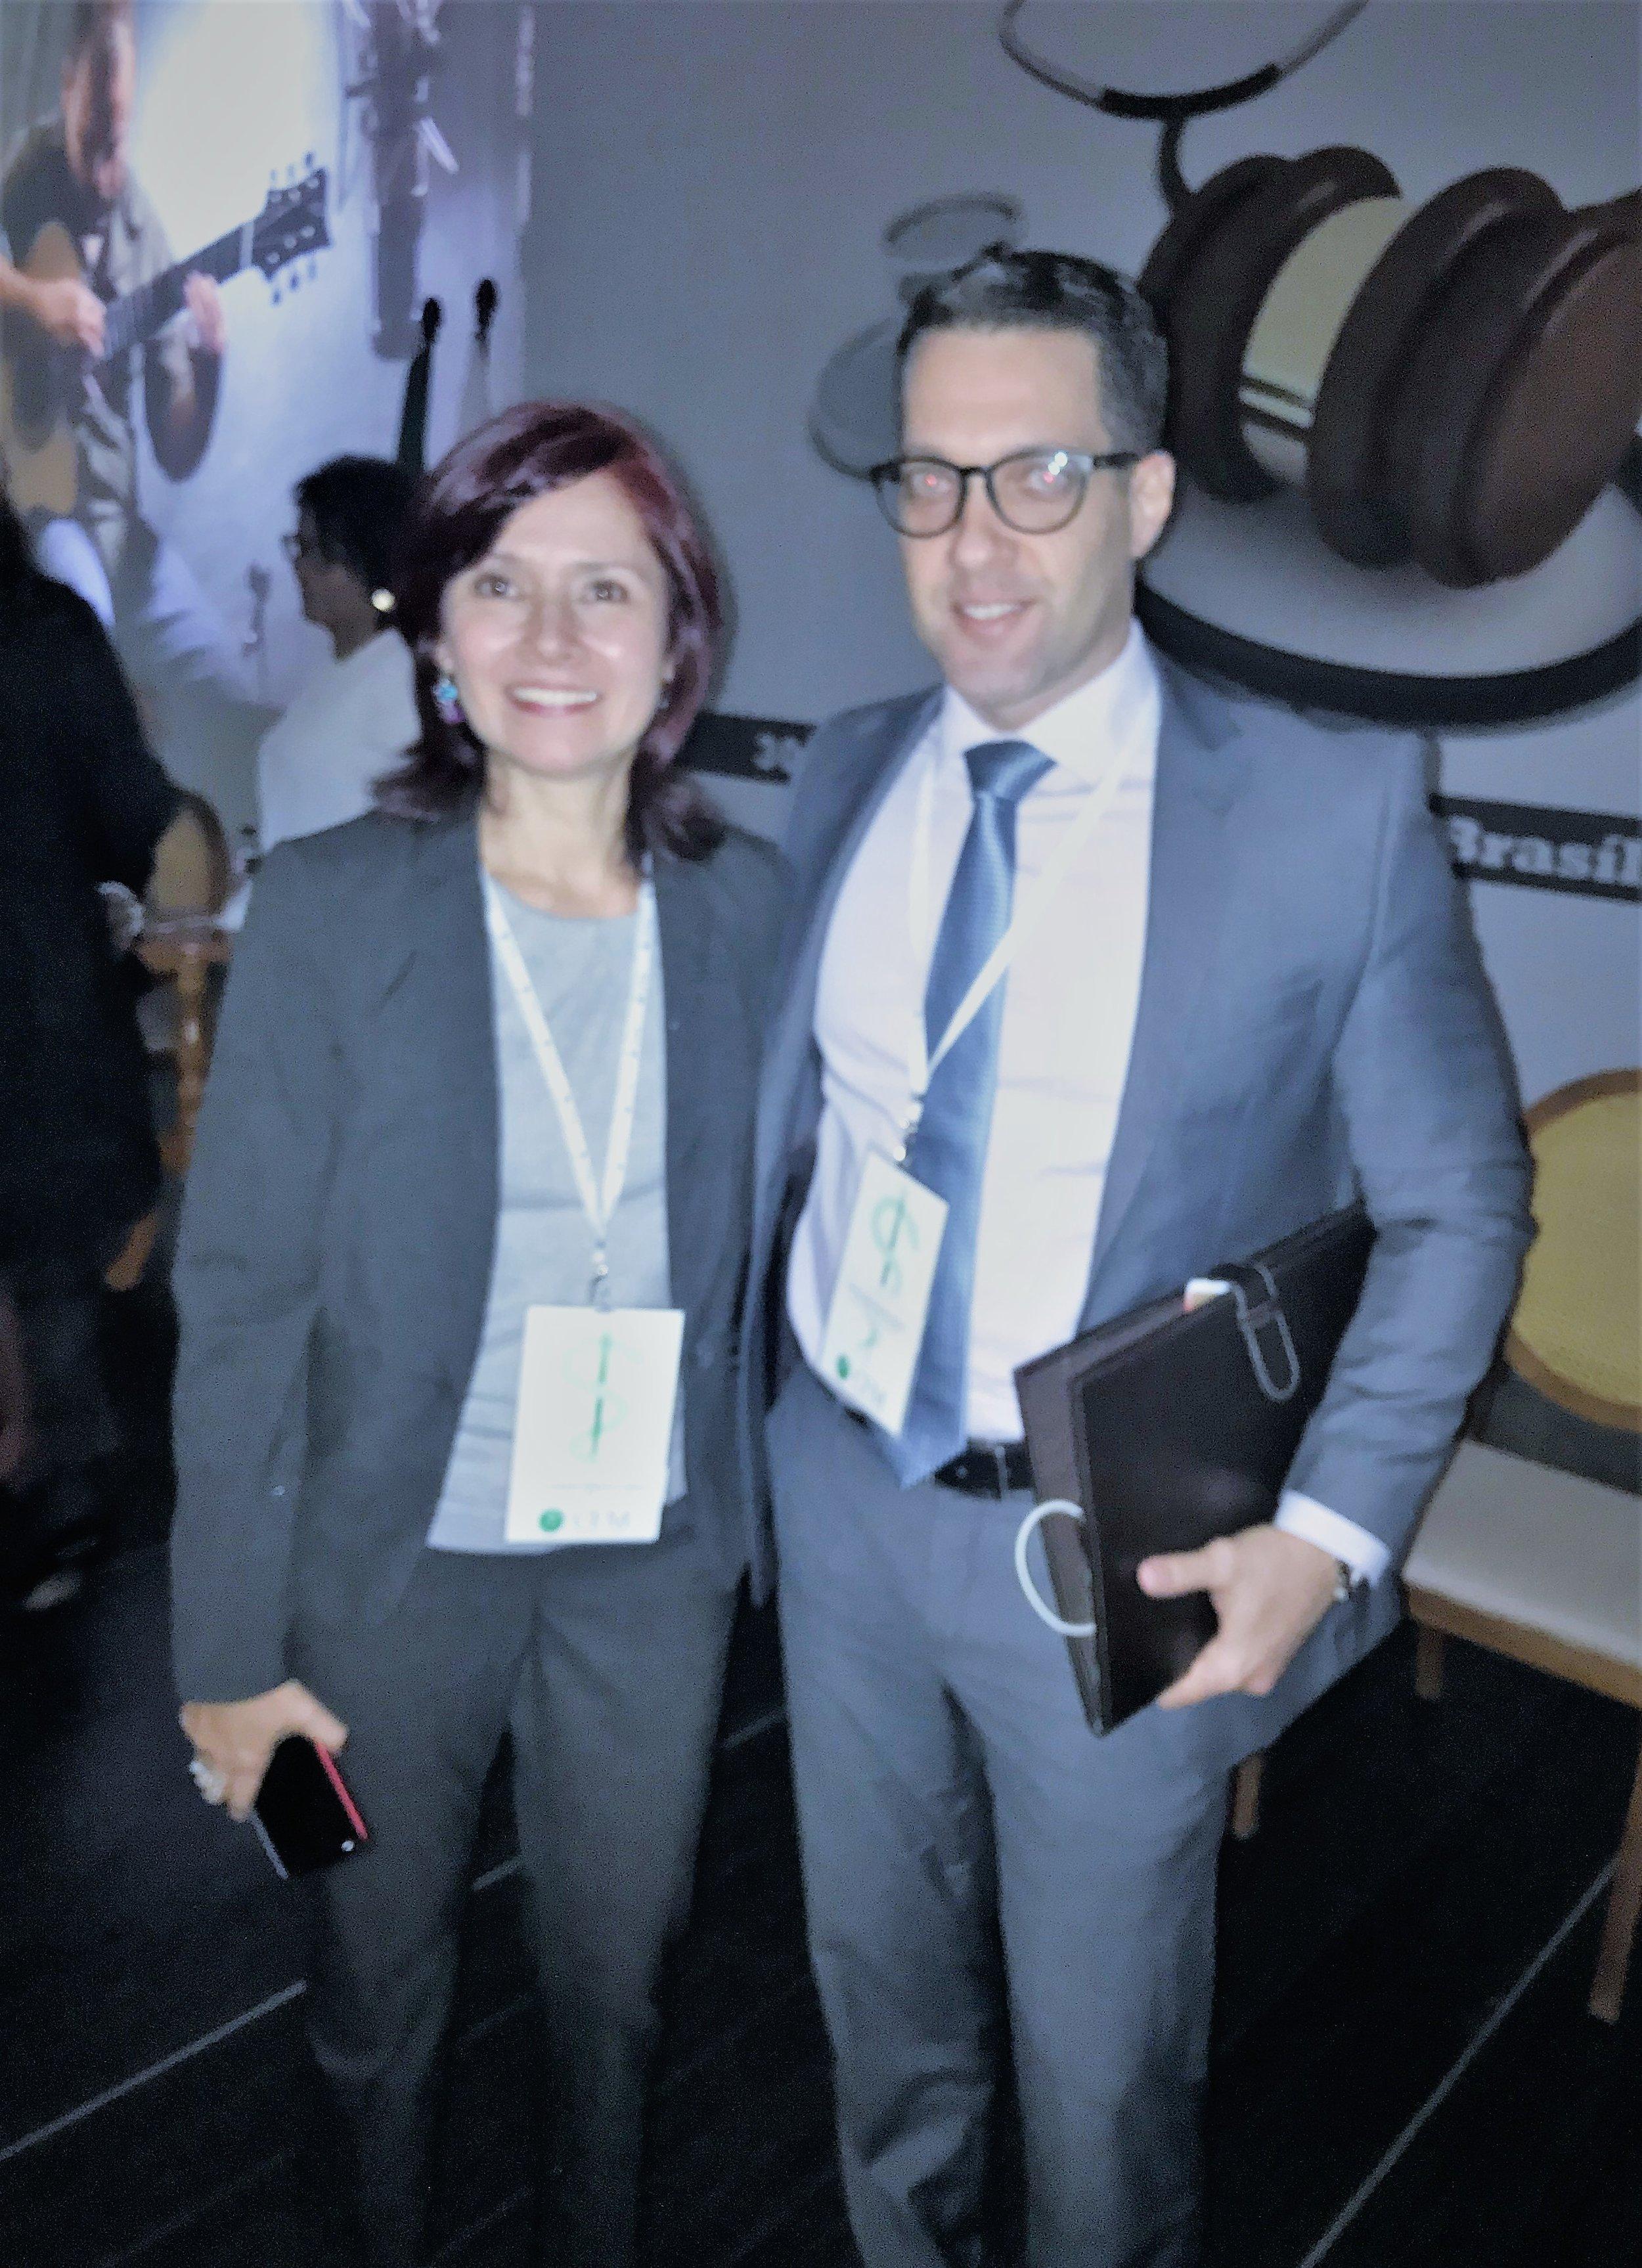 Com a Dra. Luz Adriana González Correa – Advogada e Professora Universitária(Colômbia), no VIII Congreso Brasileiro de Direito Médico do CFM.